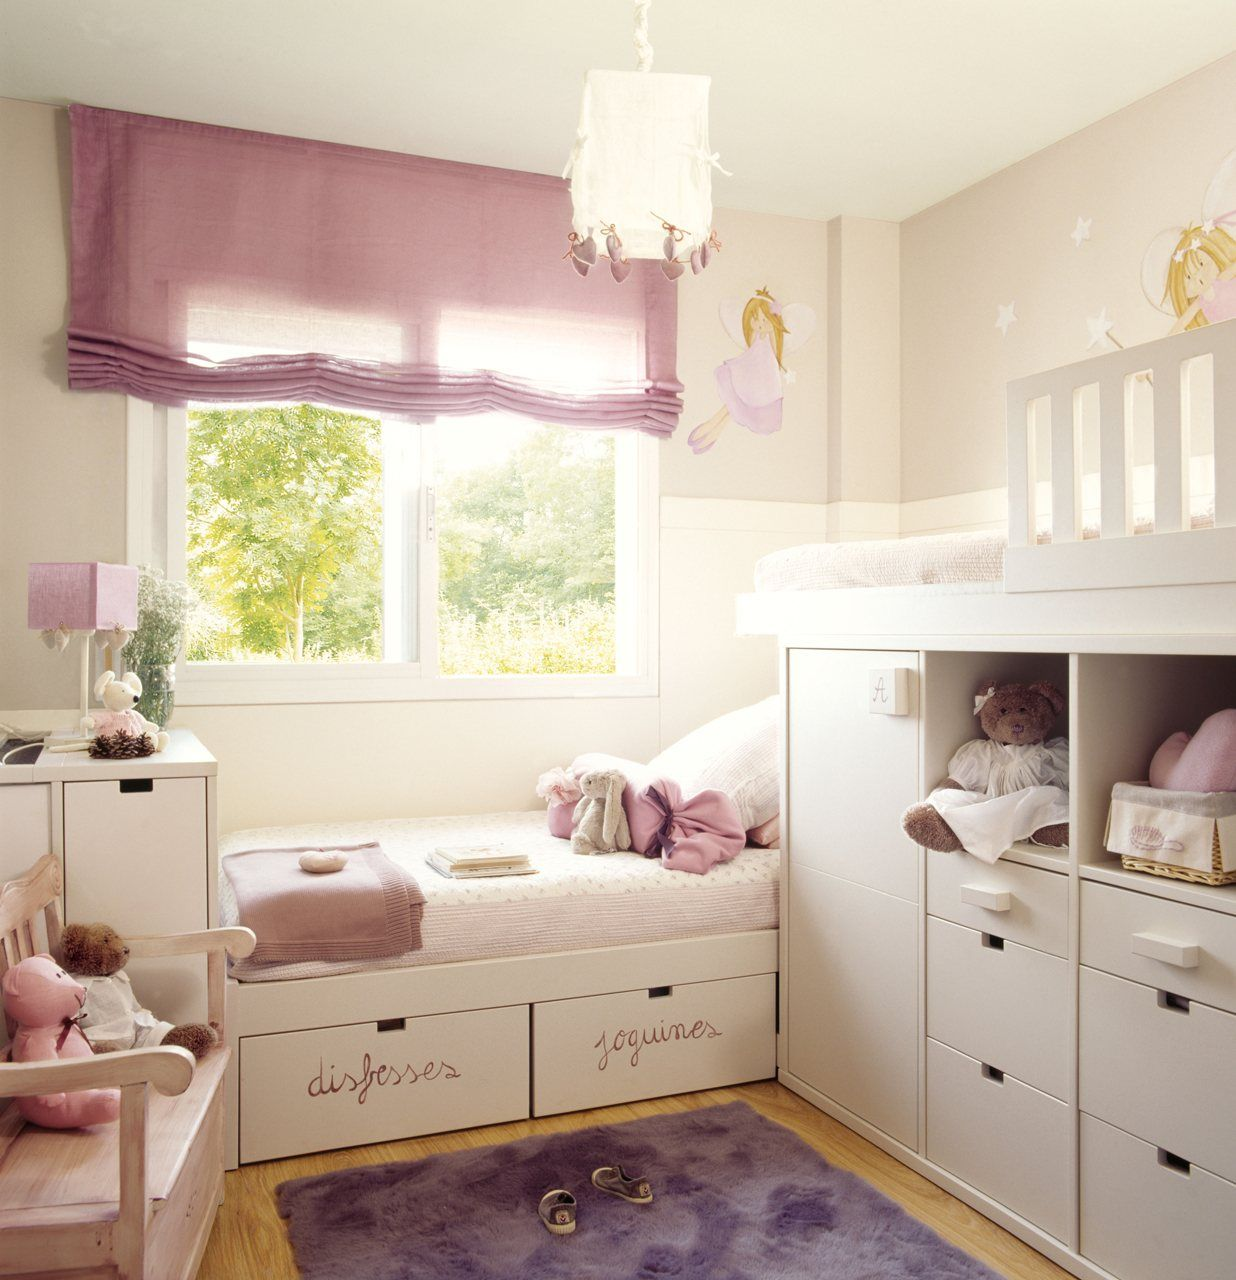 Dormitorios infantiles peque os s cales partido for Cuartos para ninas pequenos